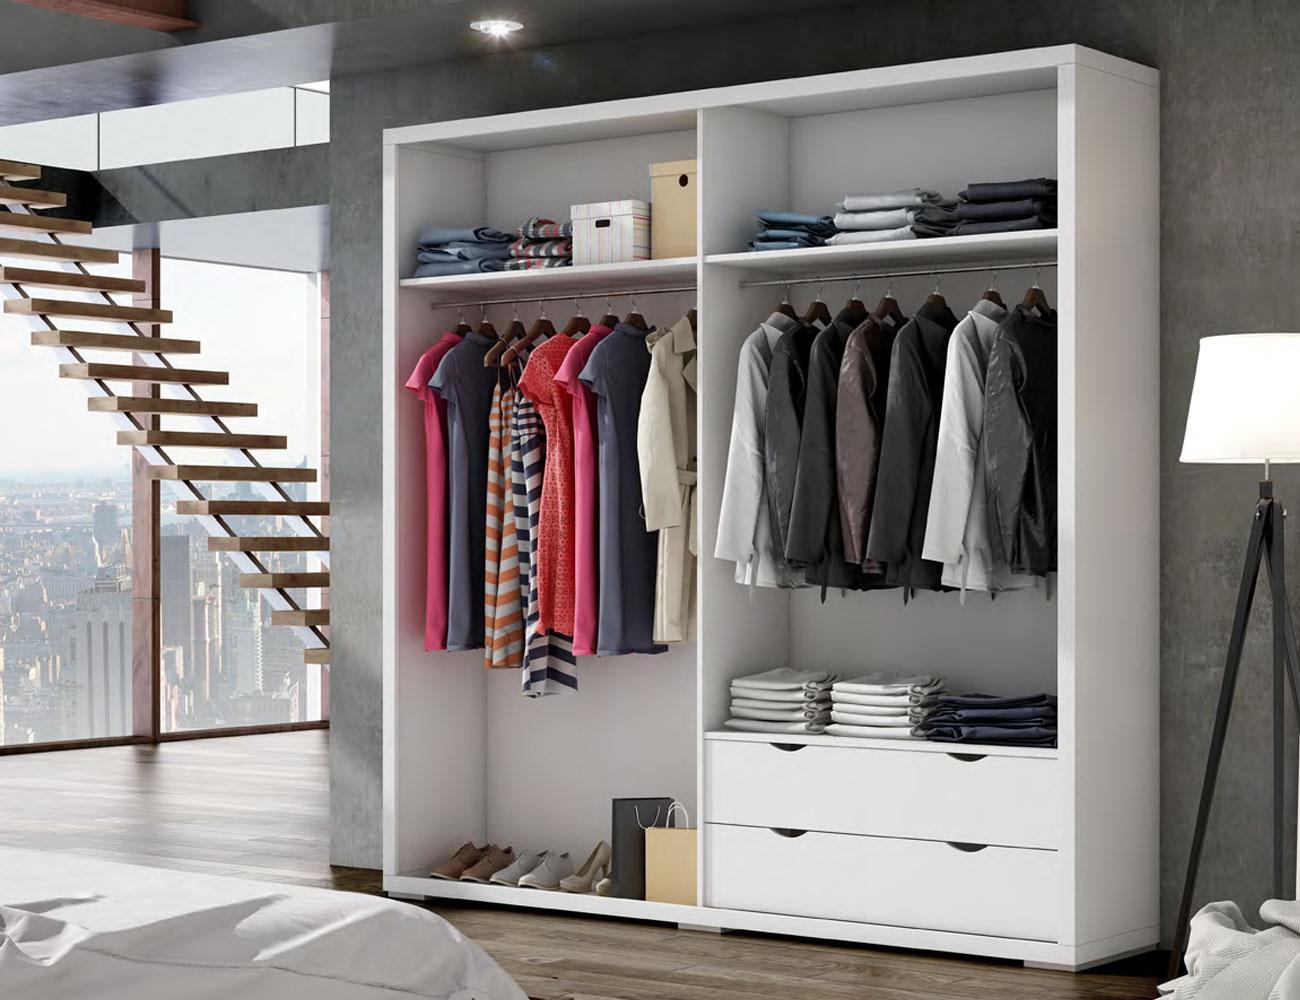 Detalle interior armario puertas correderas1